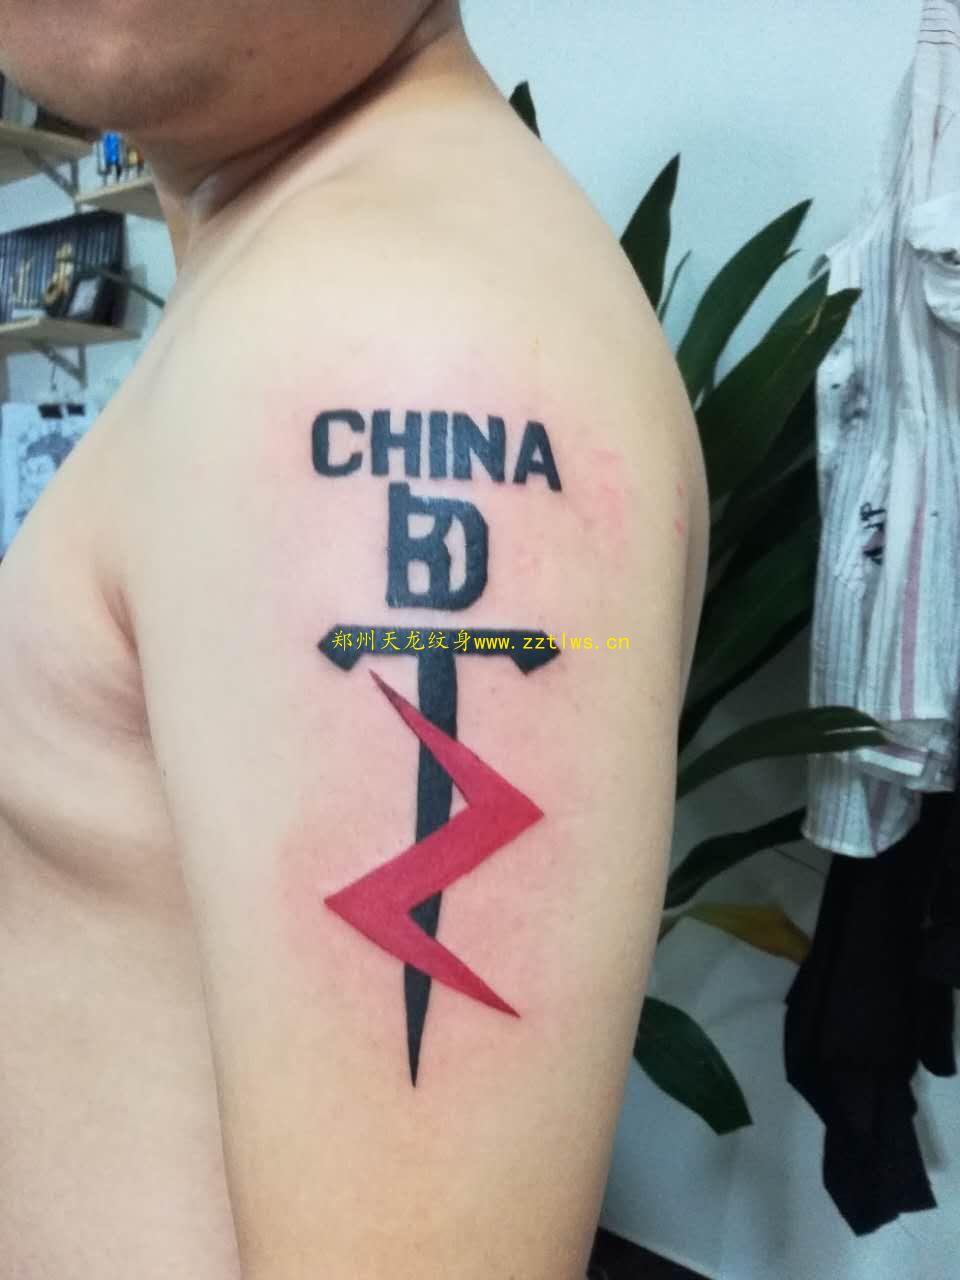 郑州纹身店分享黑色刺青素材加一锅心灵鸡汤--郑州市纹身价格